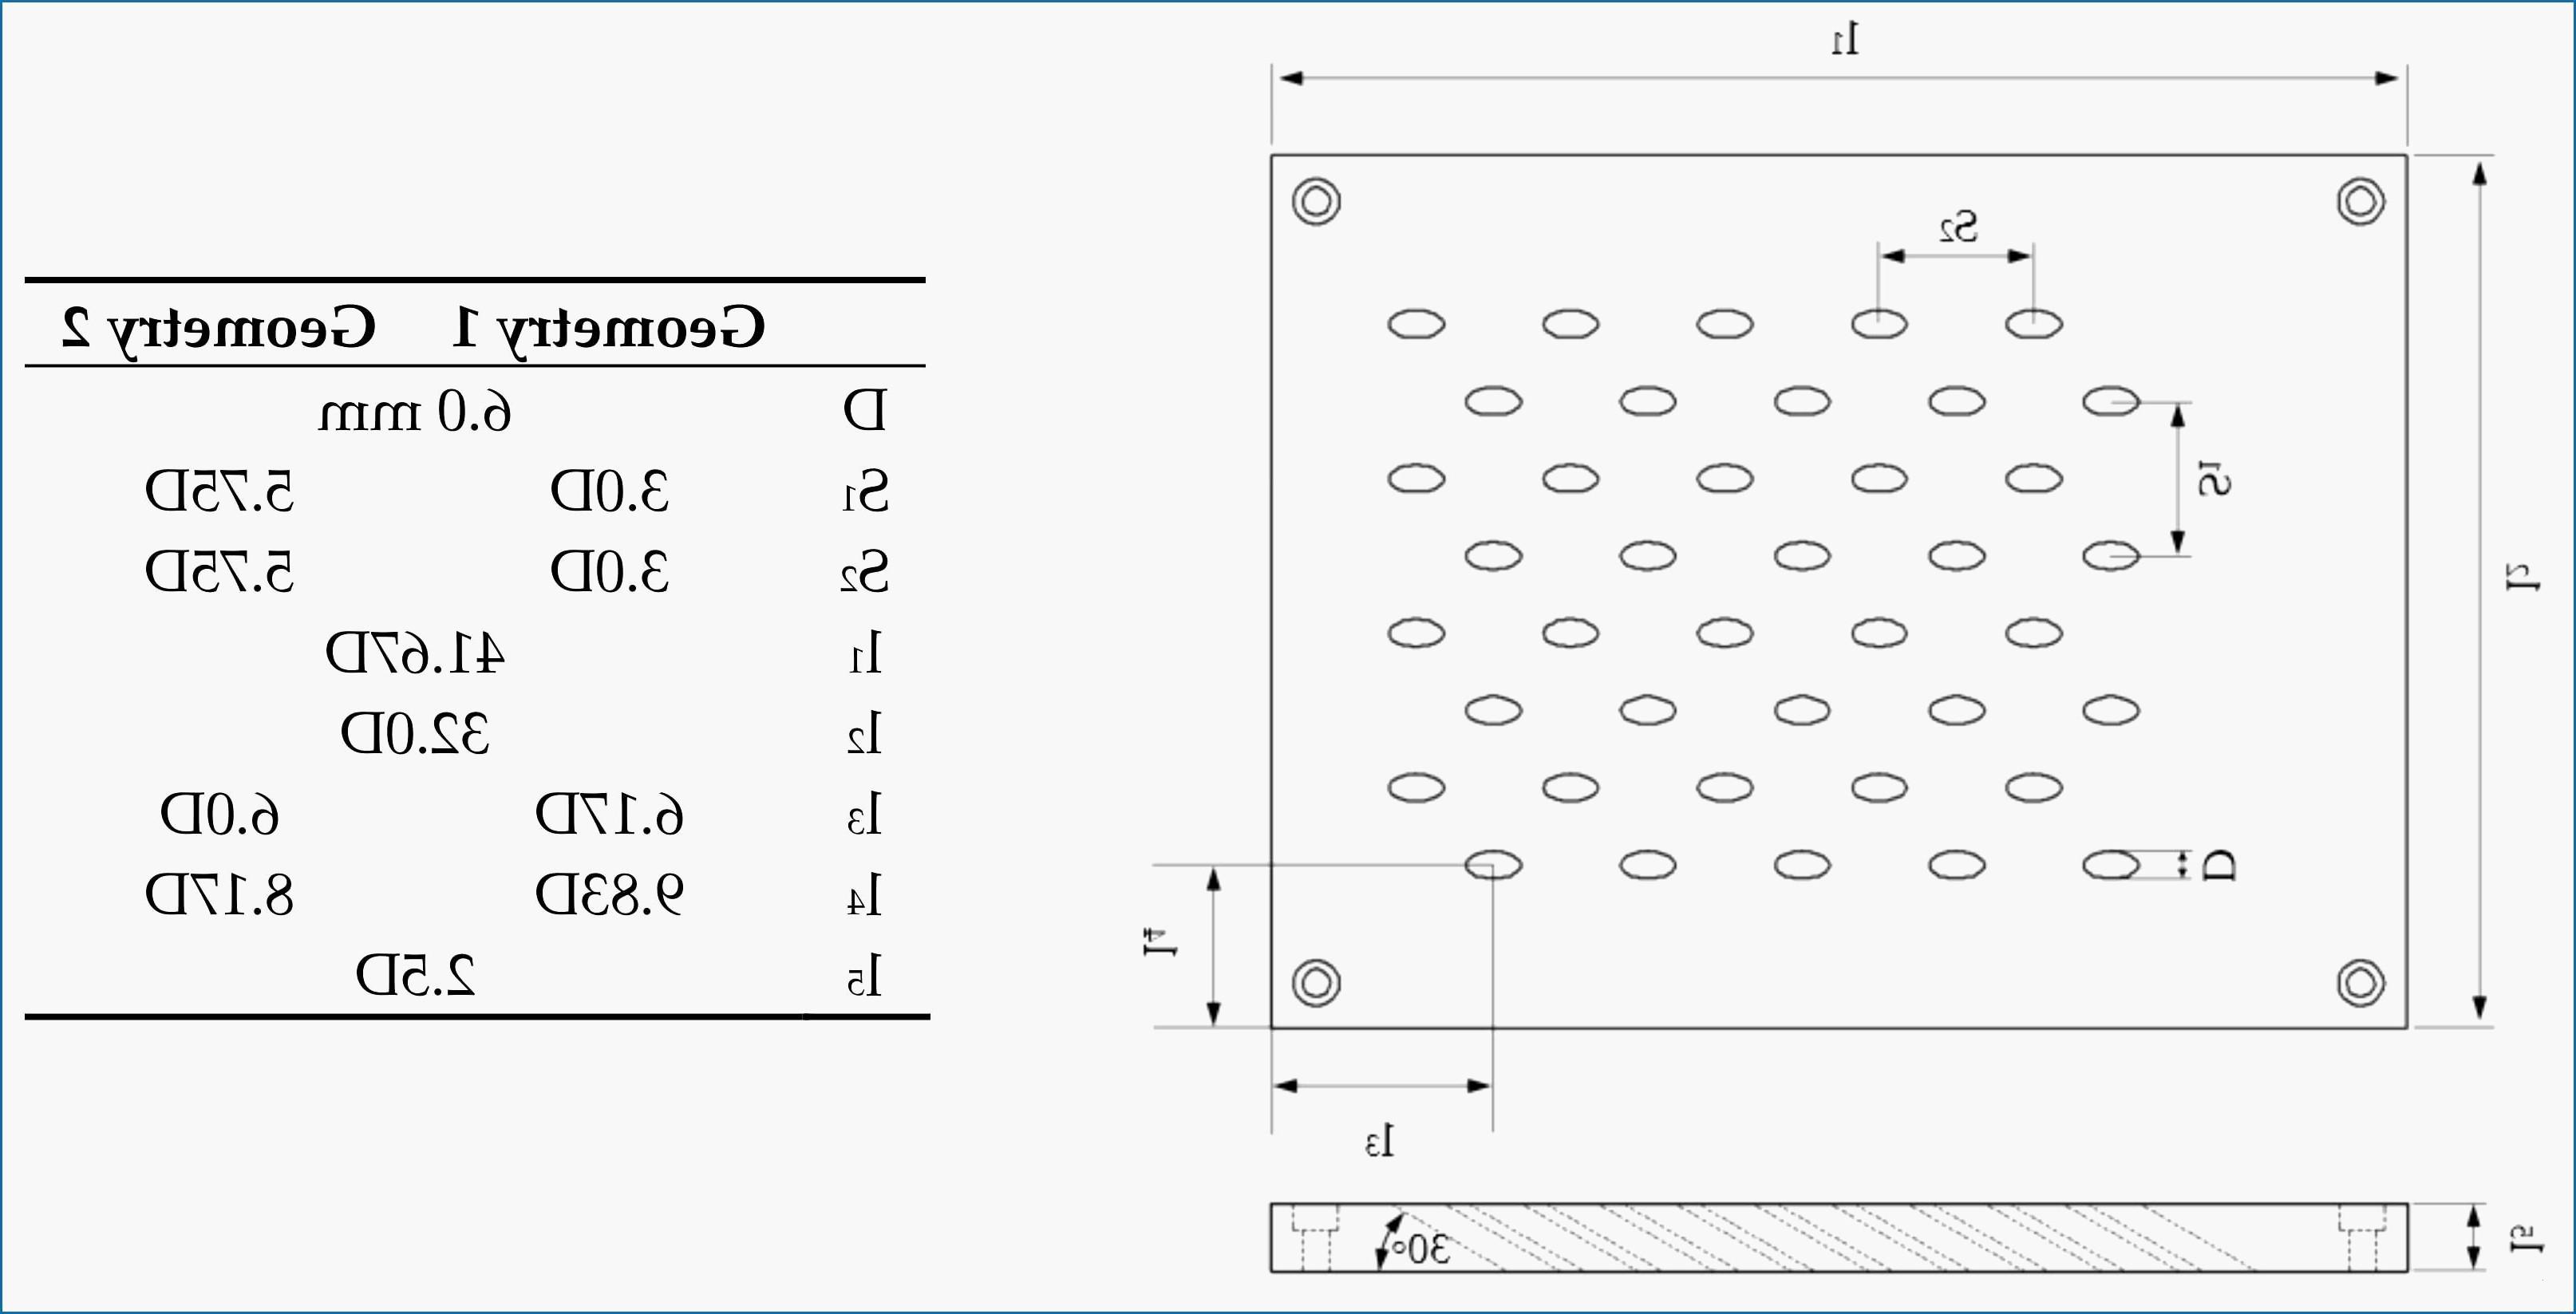 Ausmalbilder Zum Ausdrucken Kostenlos Einzigartig Zahlenschablonen Zum Ausdrucken Kostenlos élégant Image 20 In Zahlen Stock